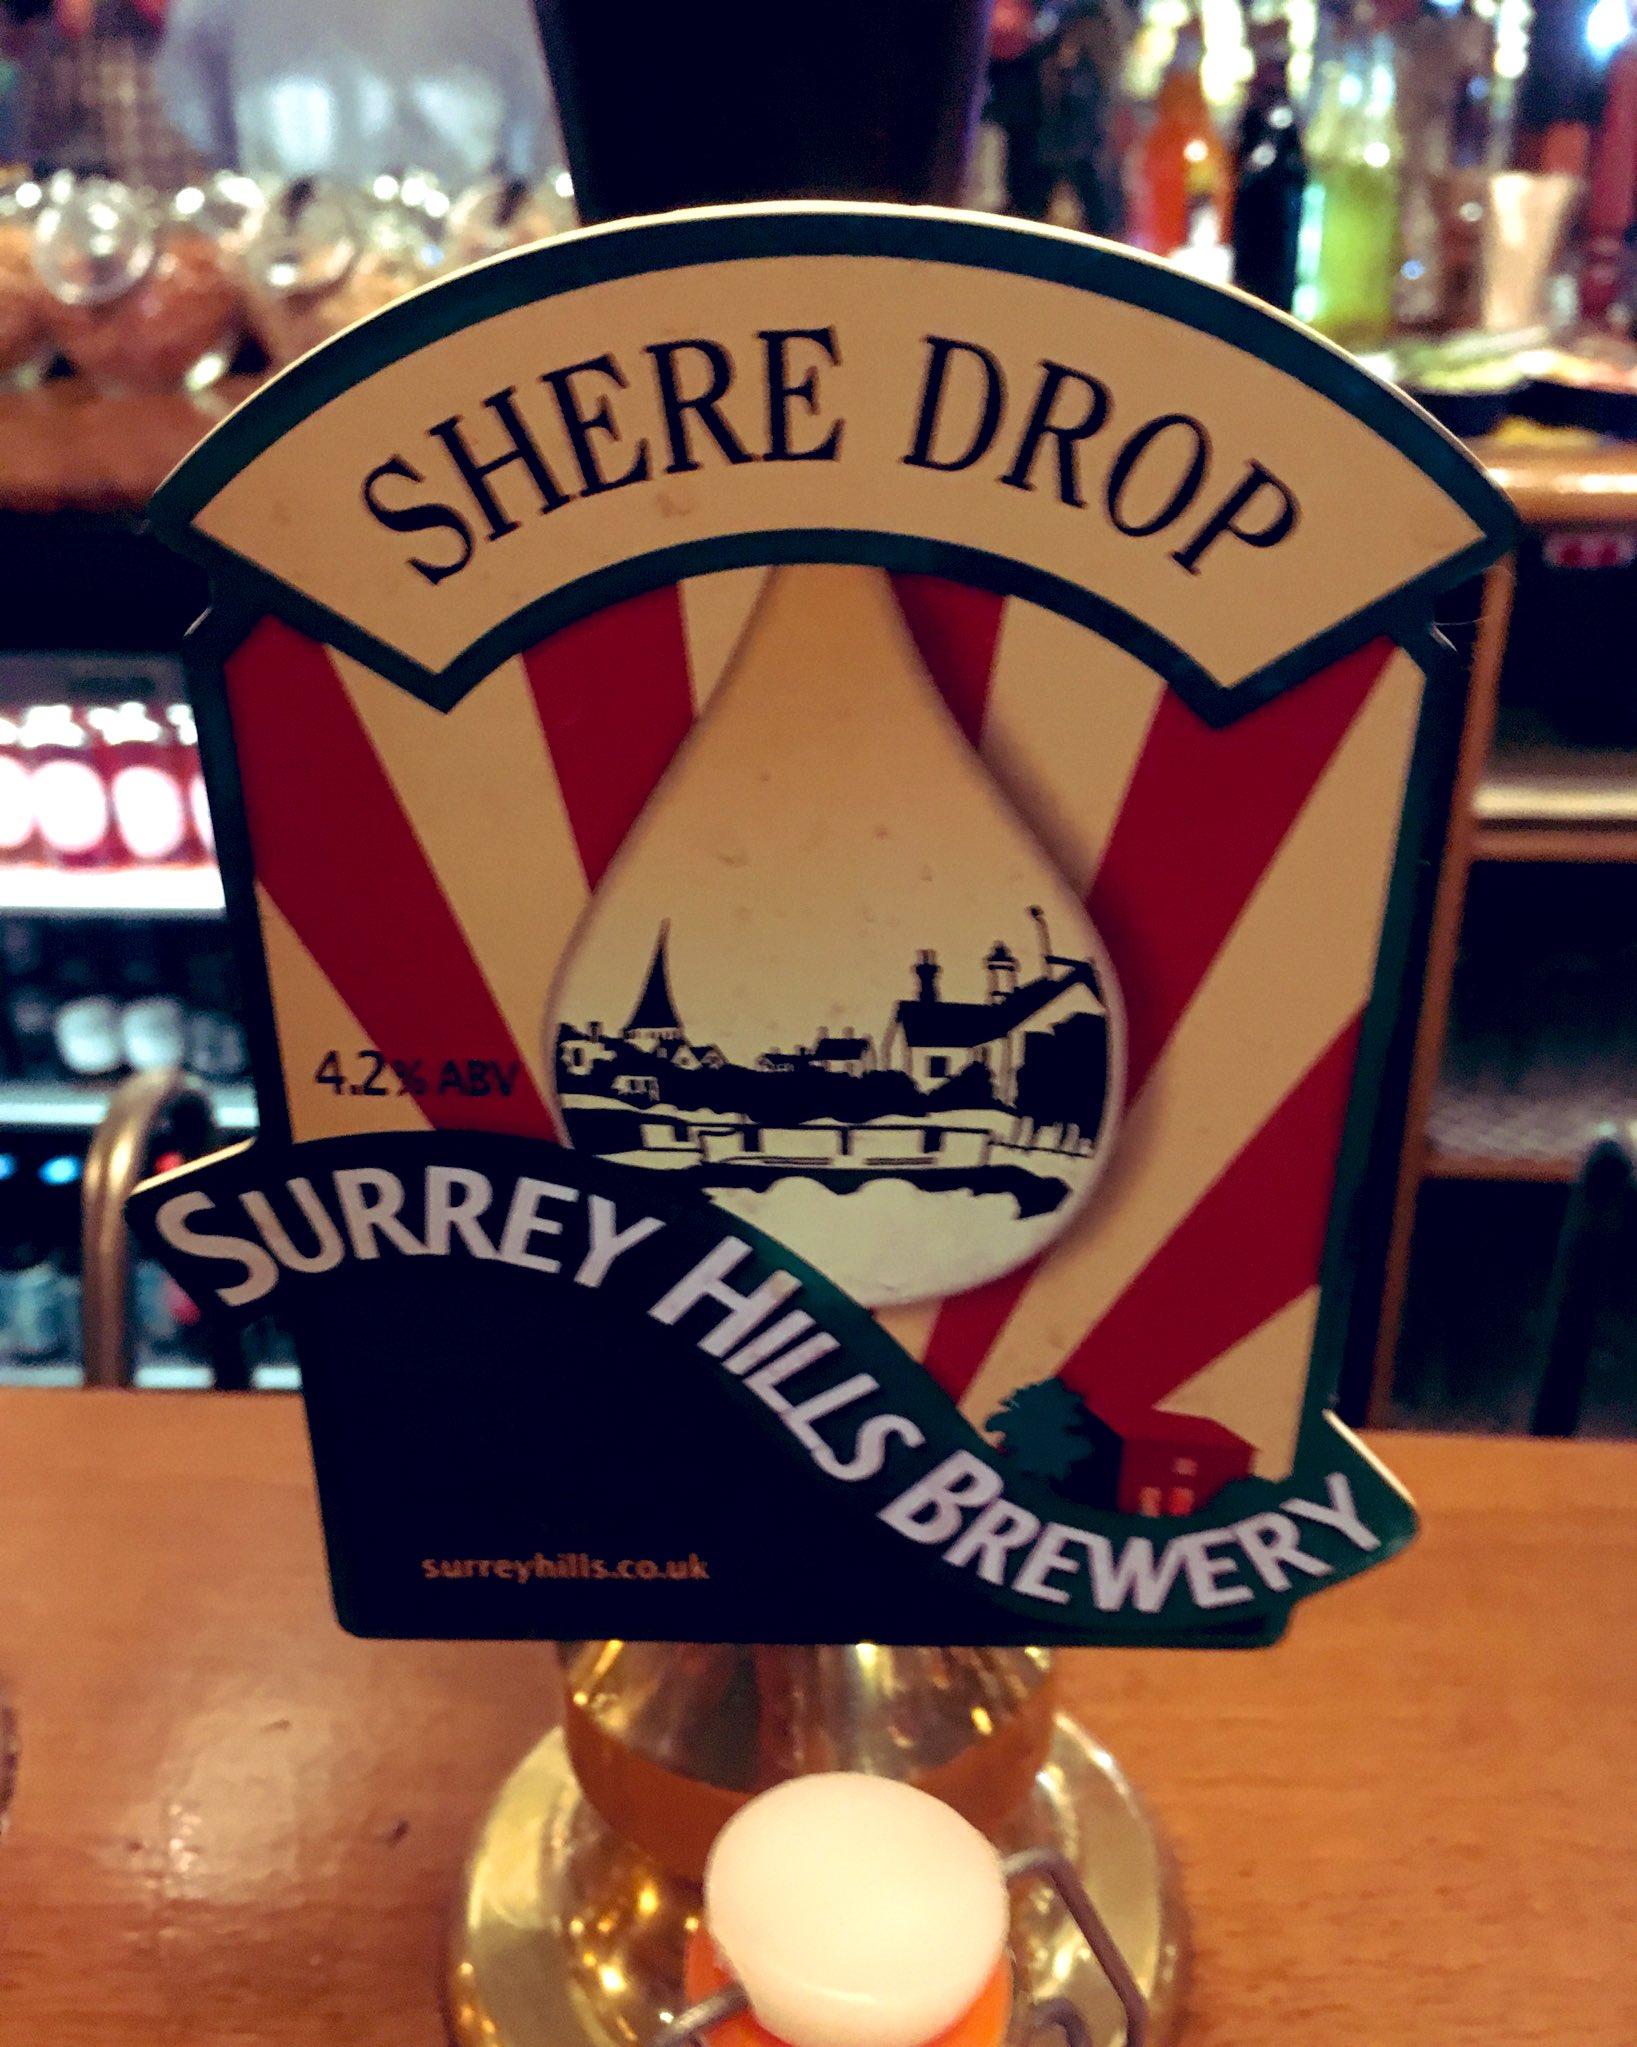 211: Shere Drop